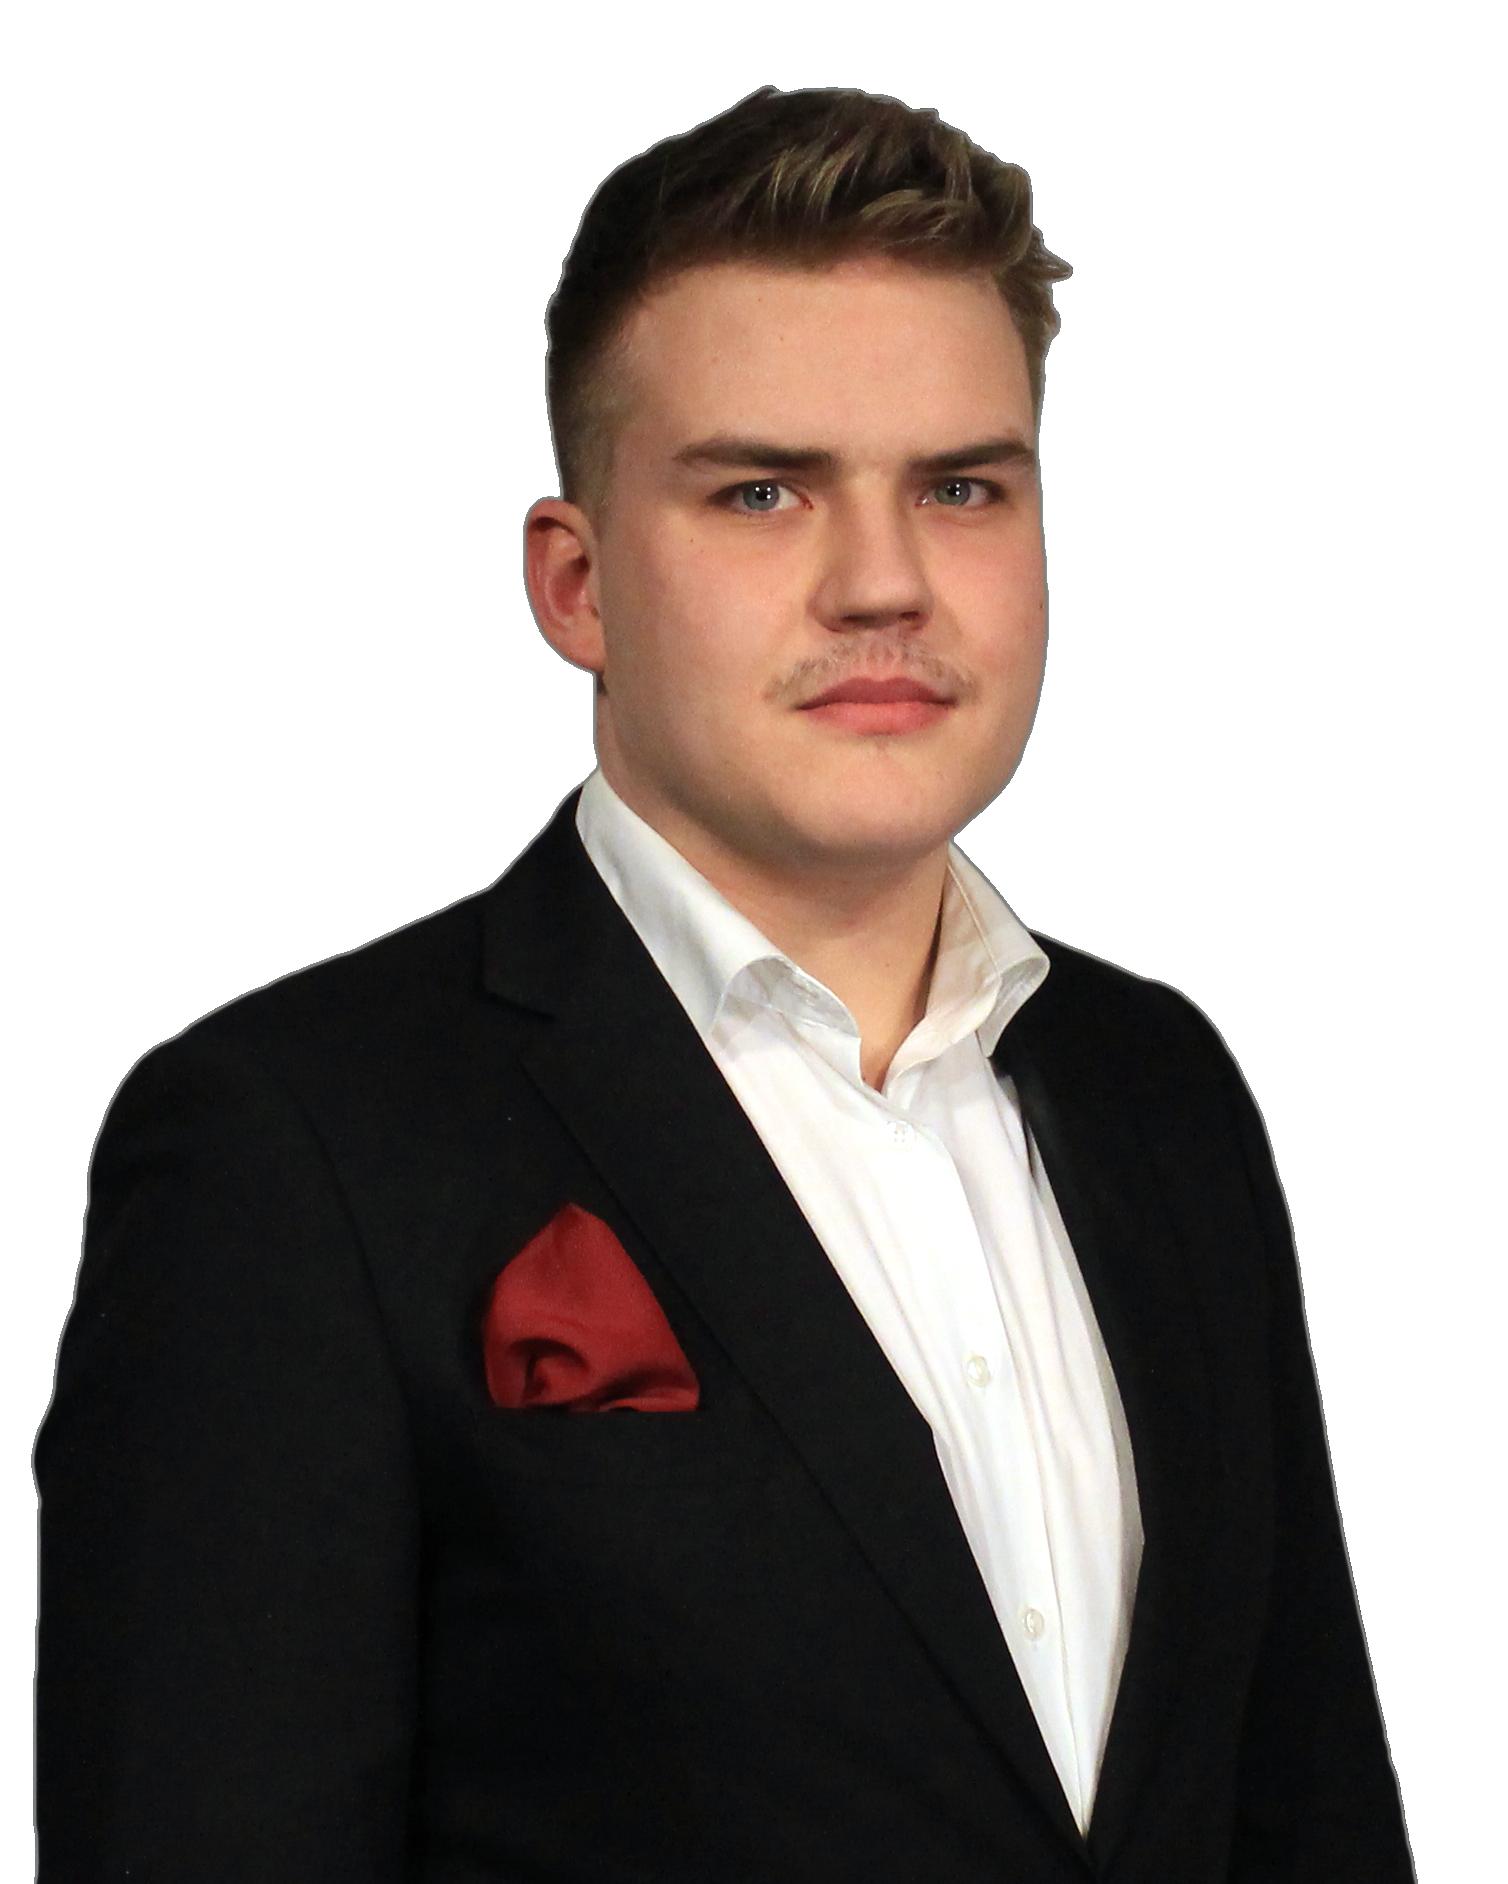 Joel Mettälä